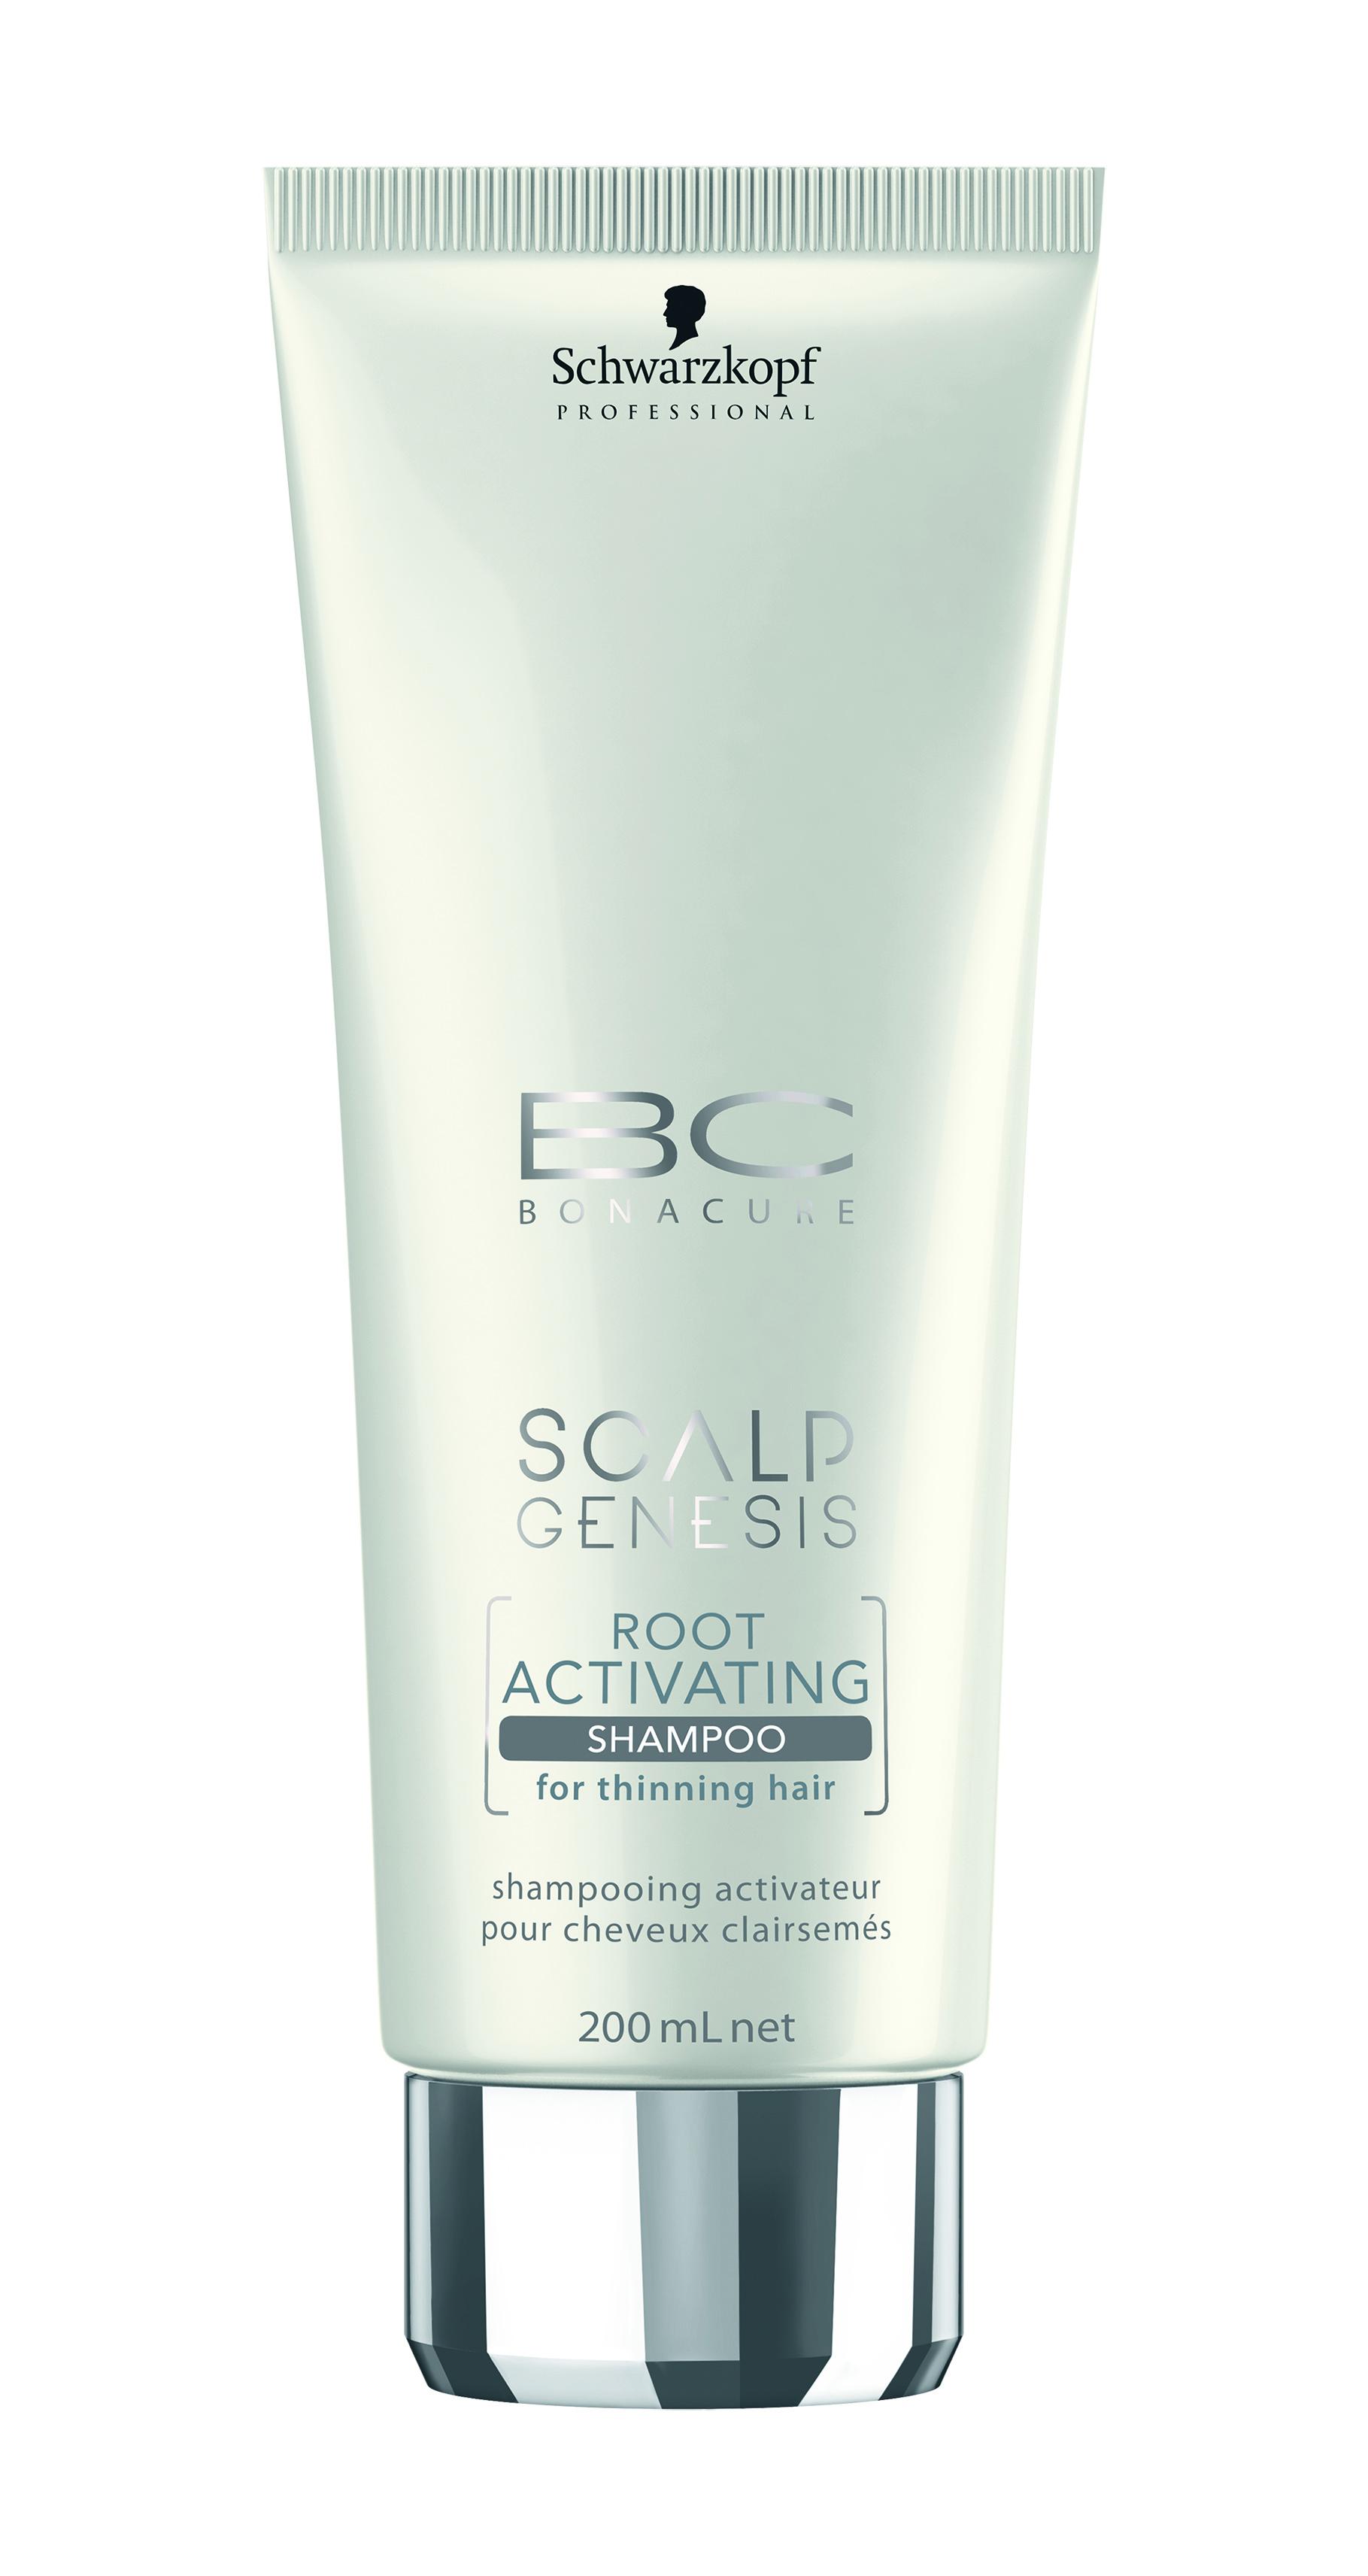 שוורצקופף פרופשיונל- שמפו להחייאת שיער דליל מסדרת סקאלפ ג'נסיס- BC Scalp Genesis Root Activating Shampoo- 99שח ל200מל